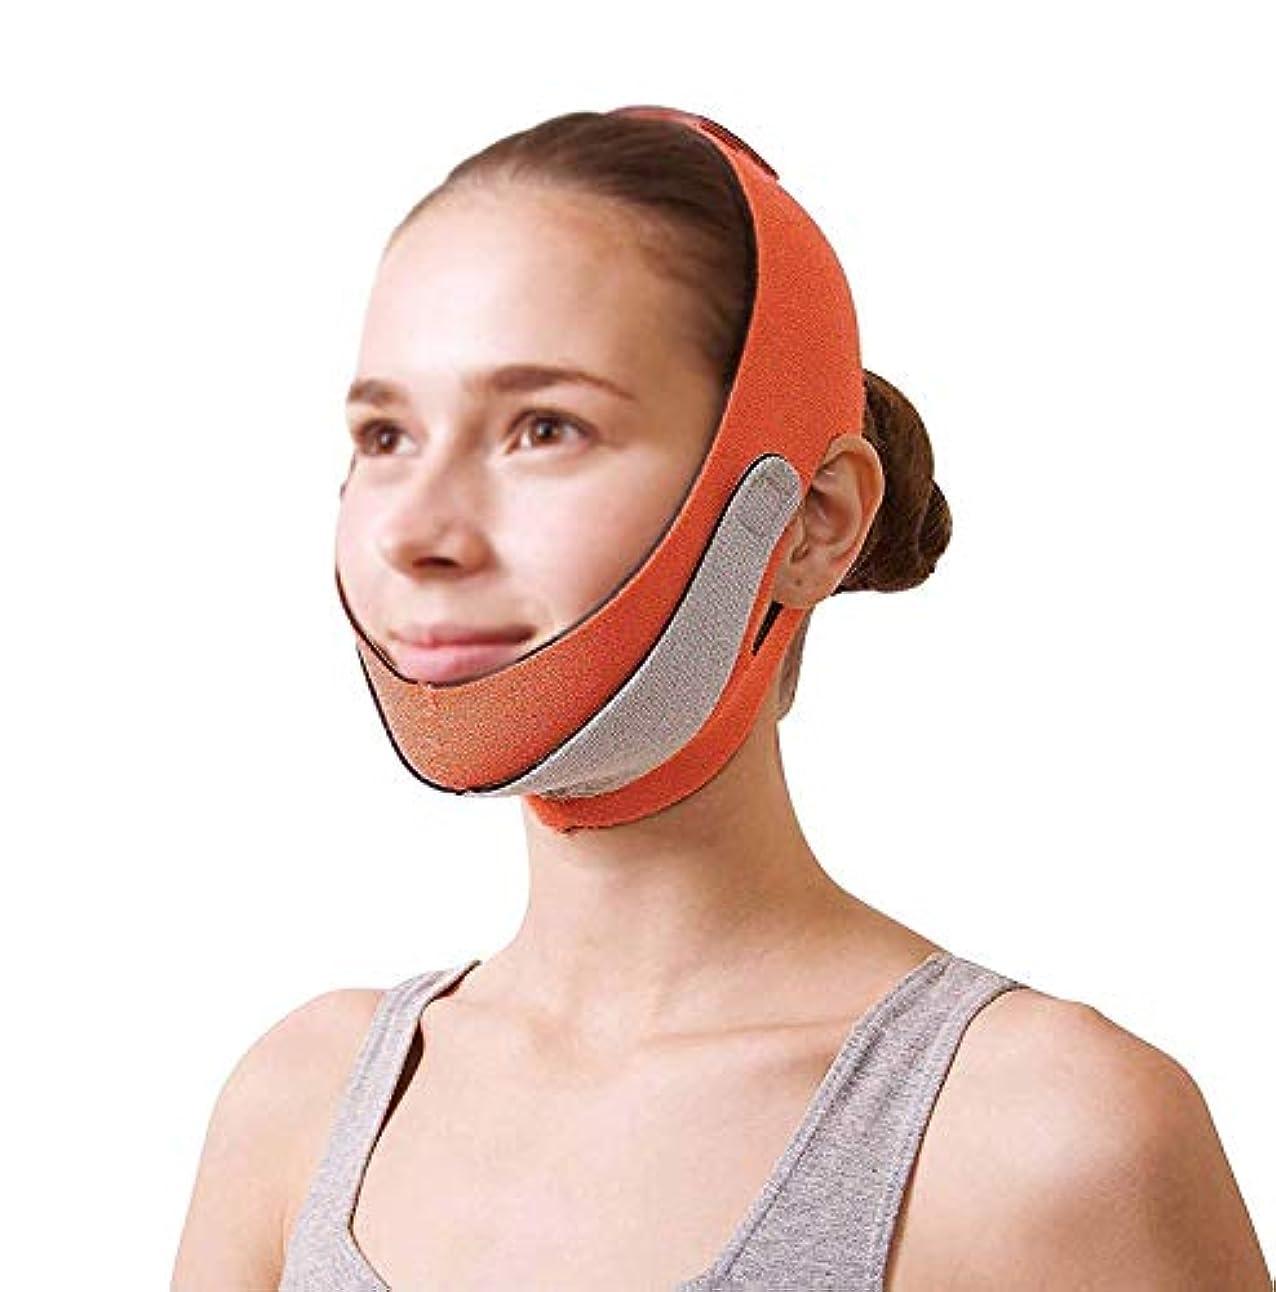 外出証拠柔らかいフェイスリフトマスク、あごストラップ回復ポスト包帯ヘッドギアフェイスマスク顔薄いフェイスマスクアーティファクト美容顔と首リフトオレンジマスク